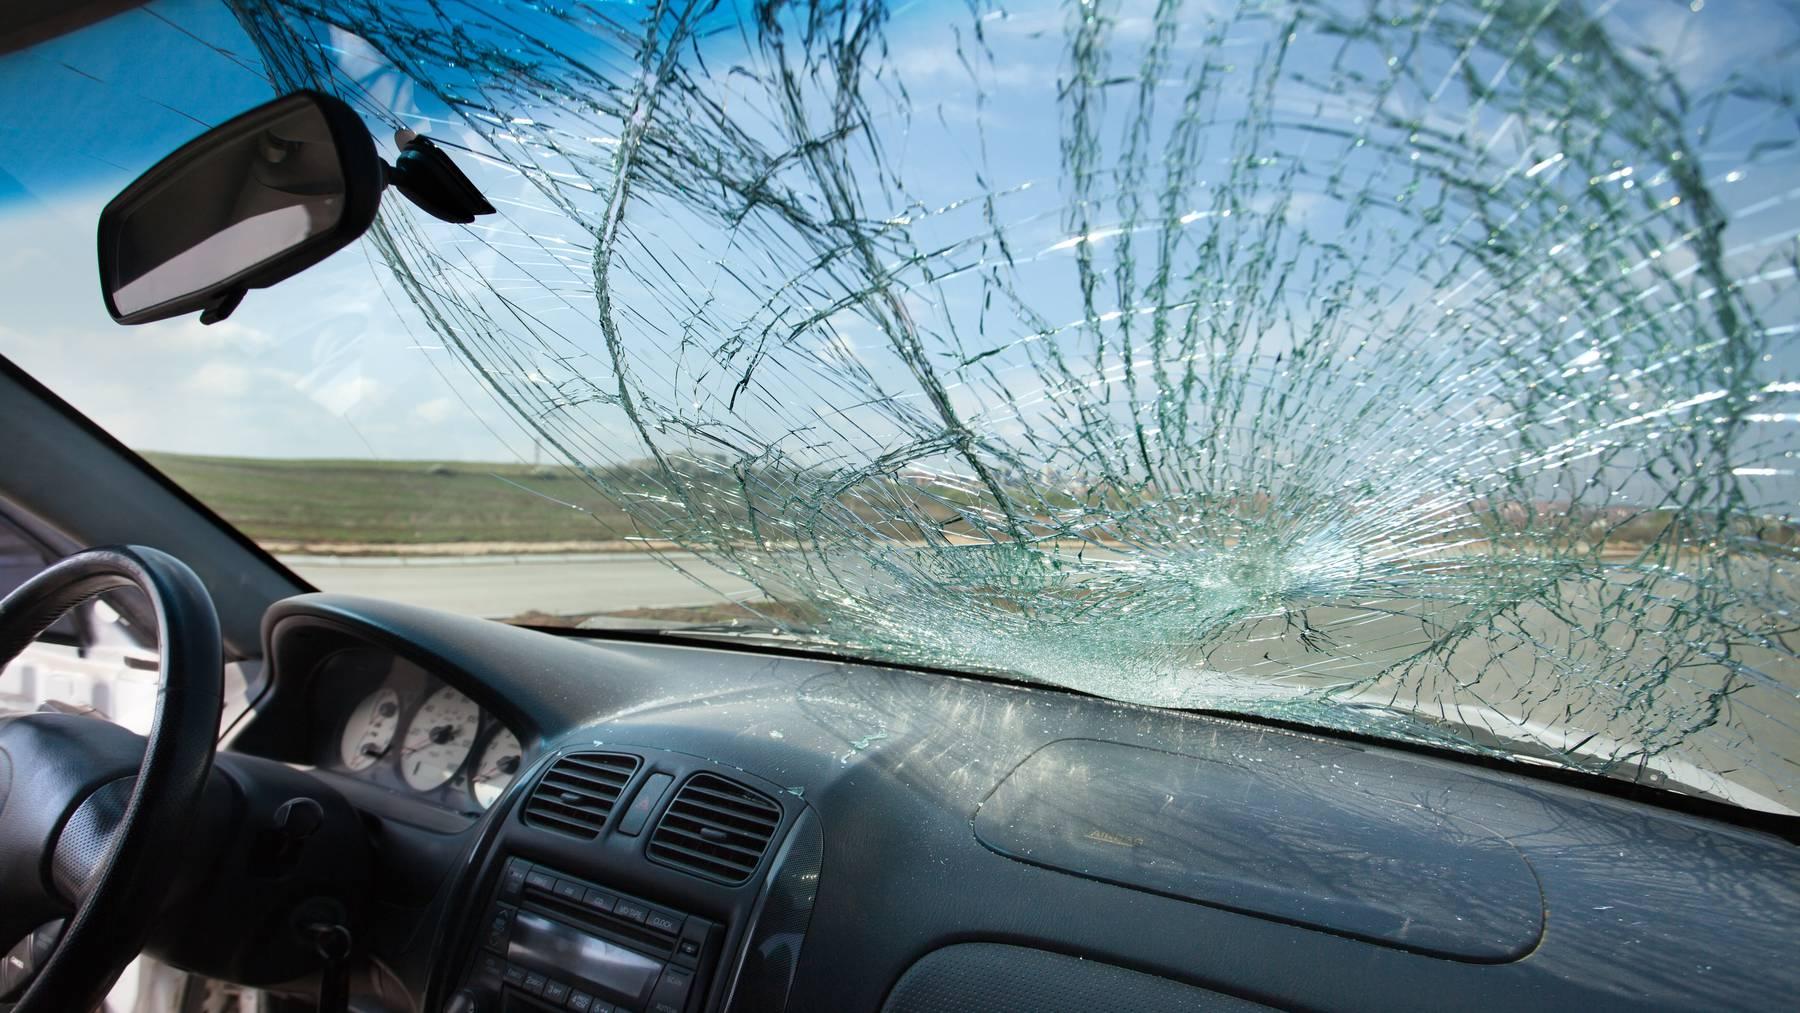 Der Autofahrer kam glücklicherweise mit einem Schrecken davon (Symbolbild).